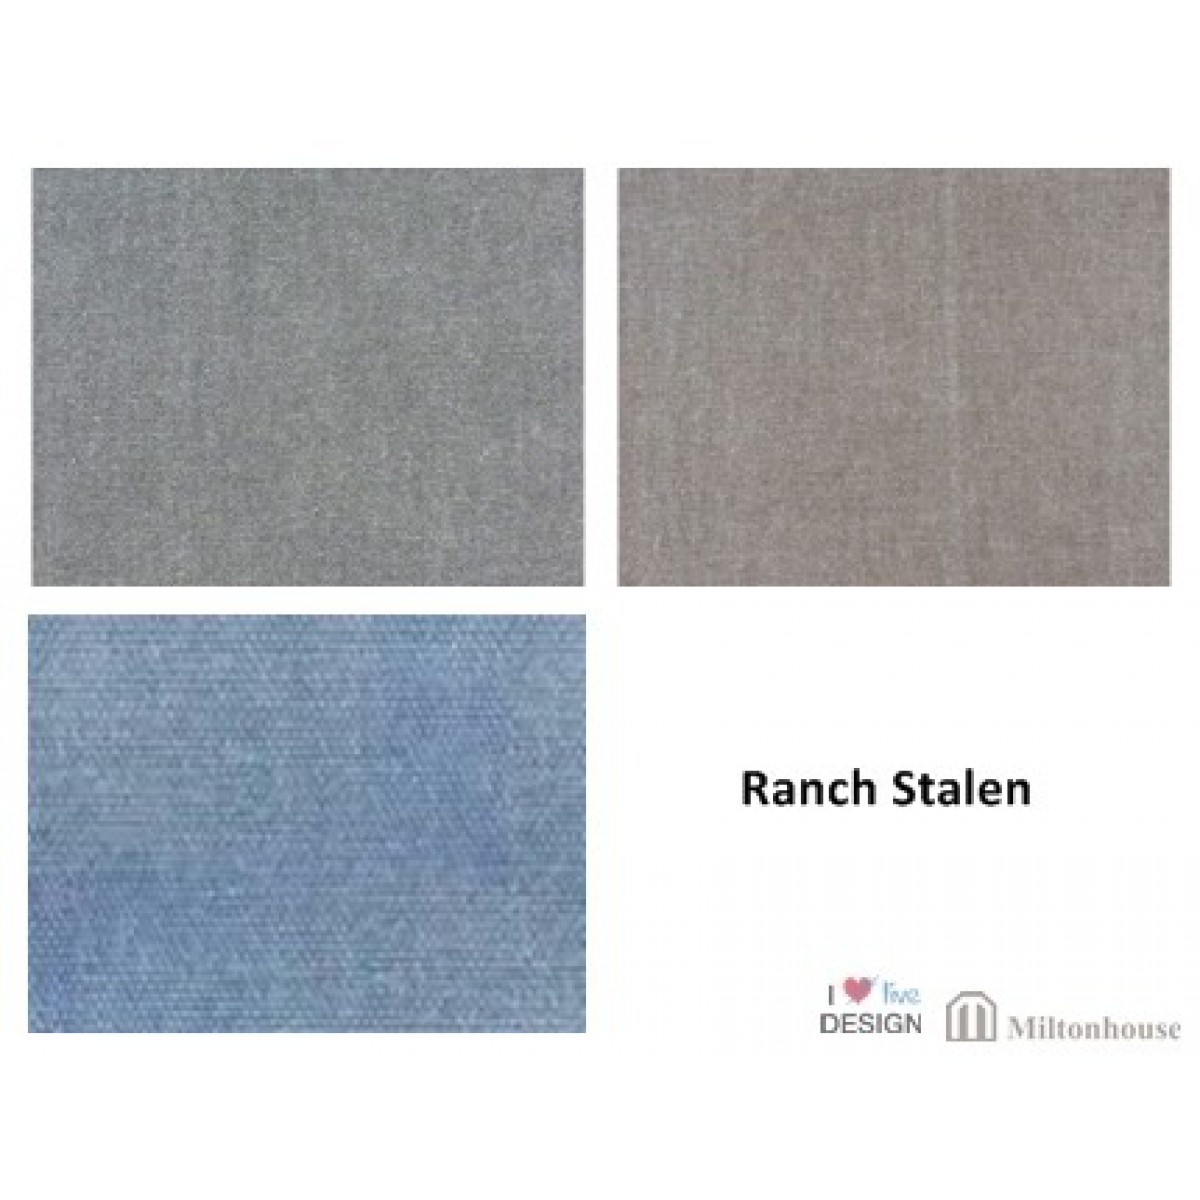 voorraad_stalen_ranch